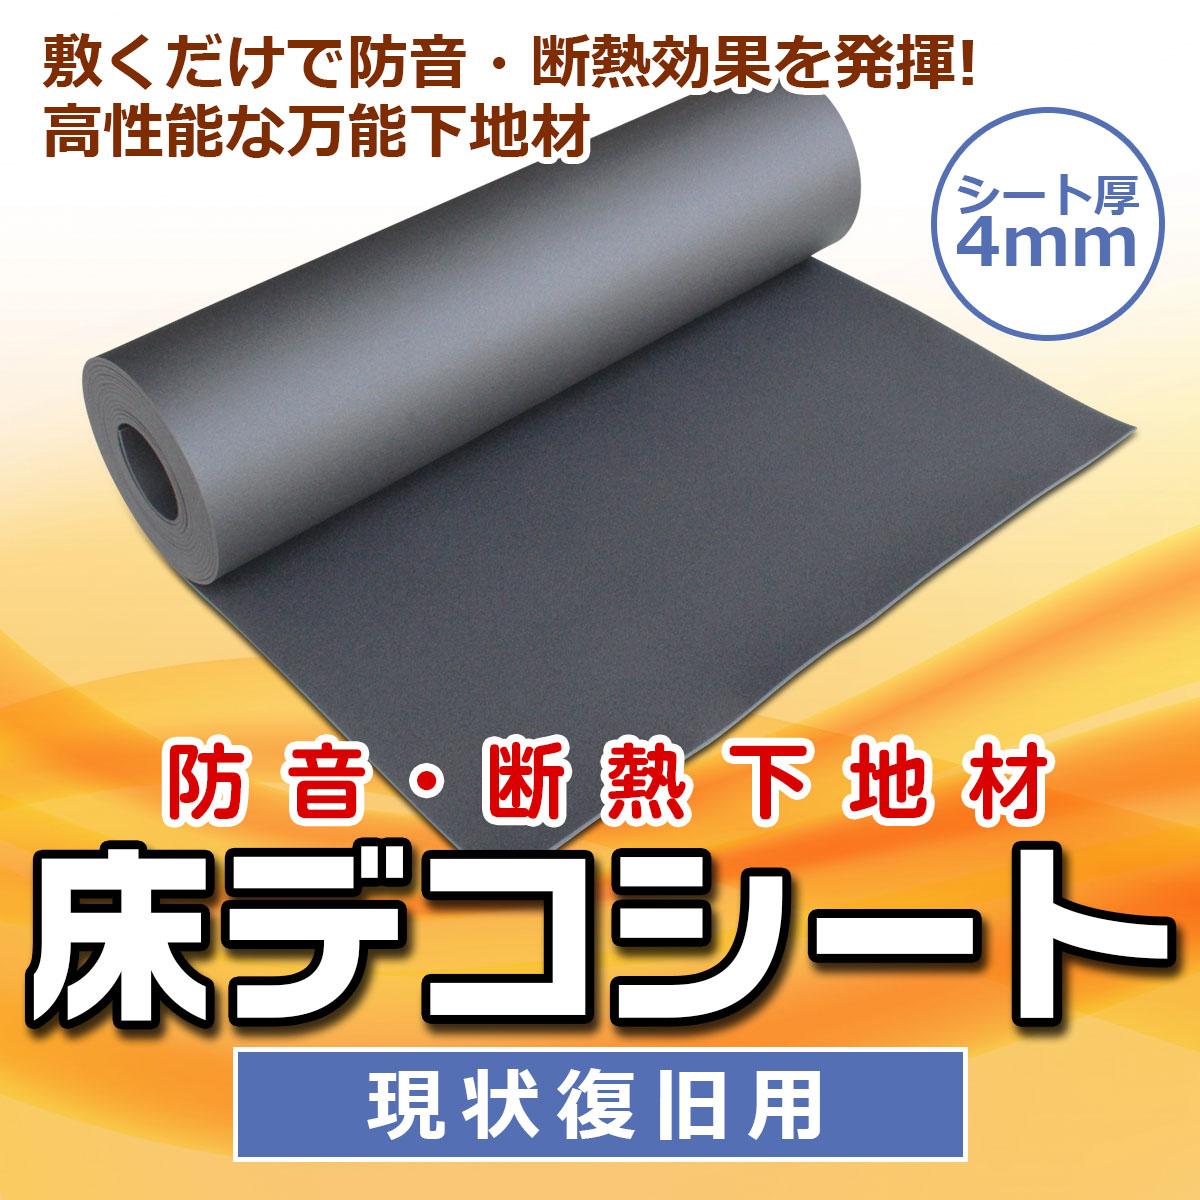 敷くだけで防音・断熱効果を発揮 高性能な万能下地材 床デコシート 現状復旧用